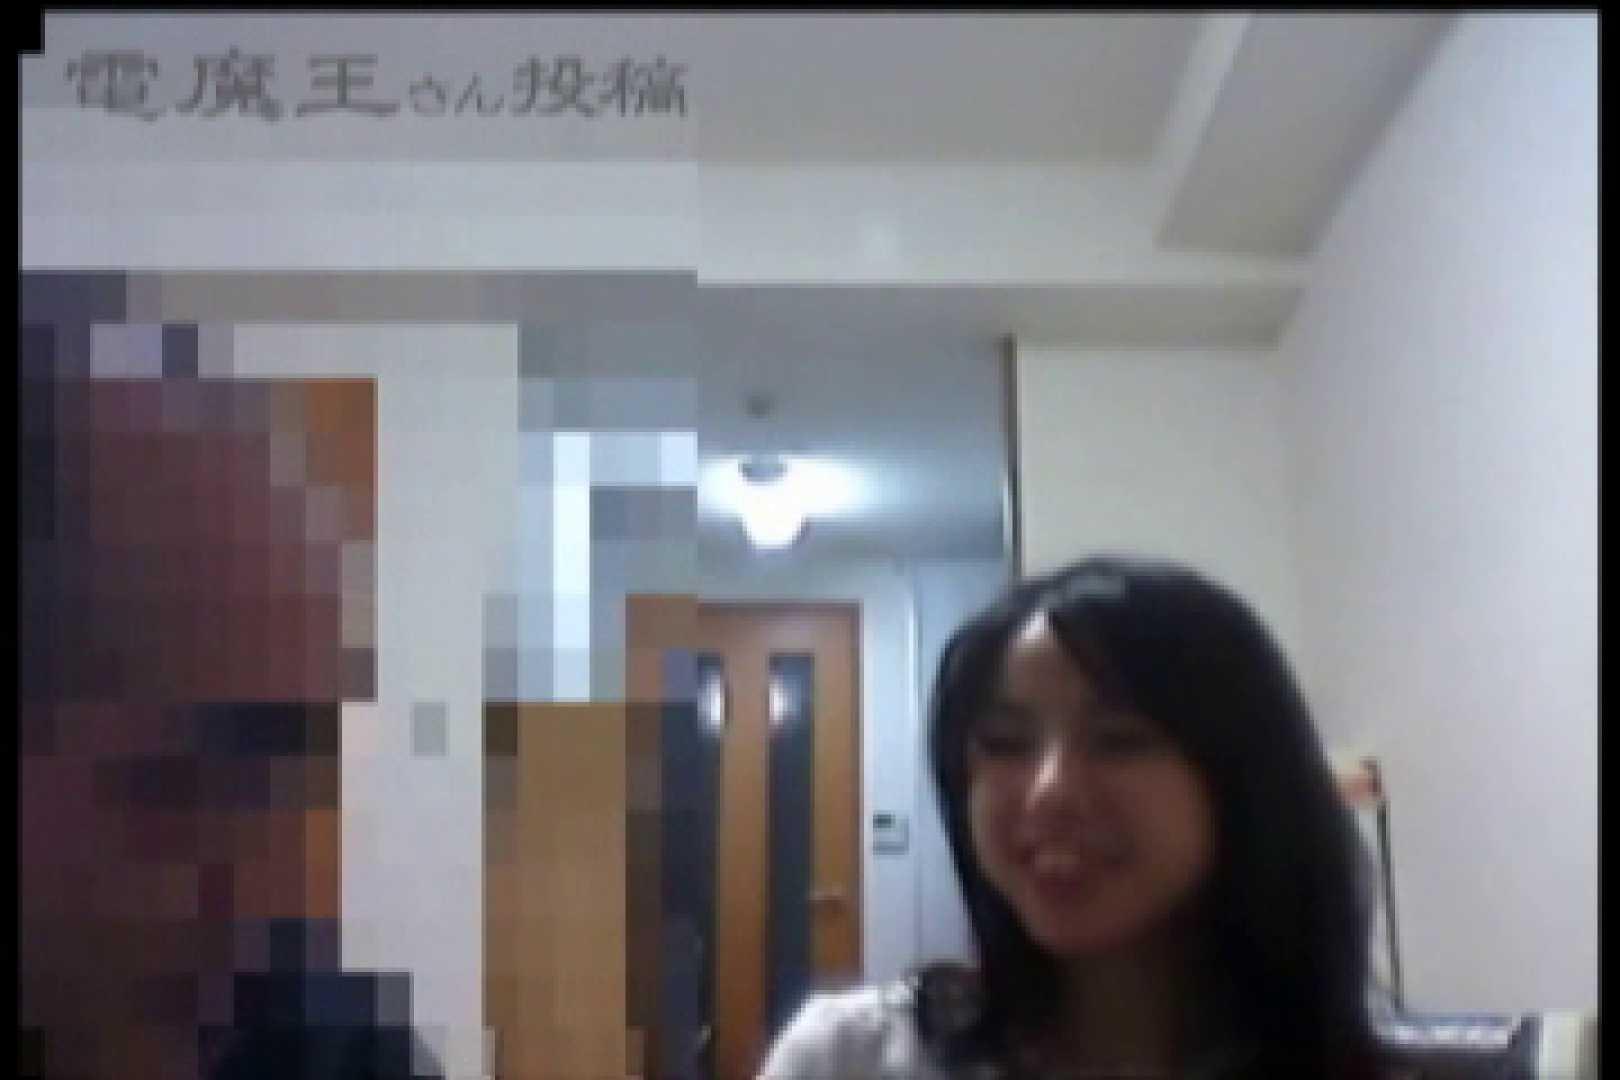 電魔王さんの「隠撮の部屋」ミーナ 隠撮  70pic 14